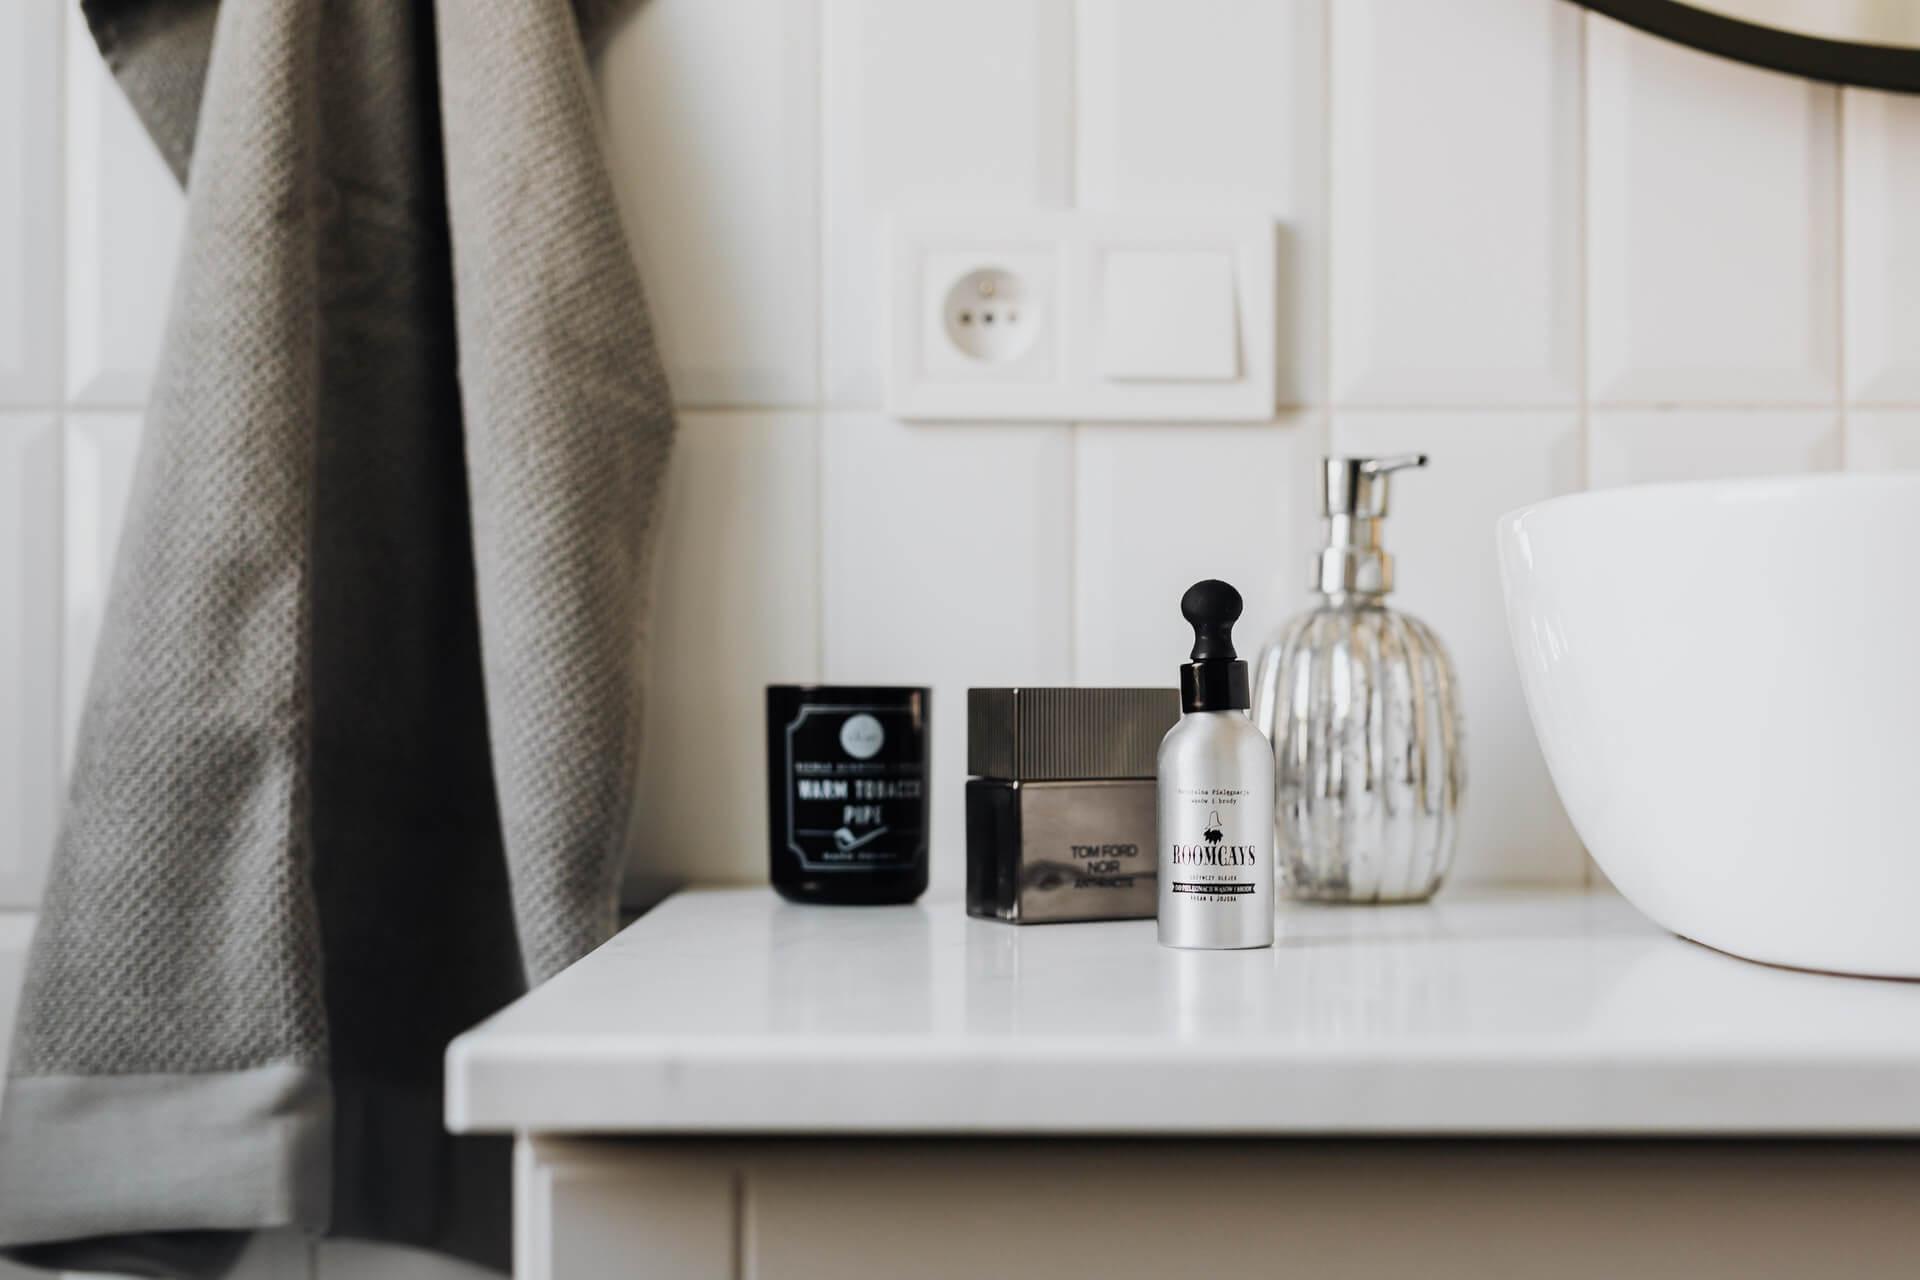 Beyaz masa üzerinde duran bakım ve parfüm şişeleri